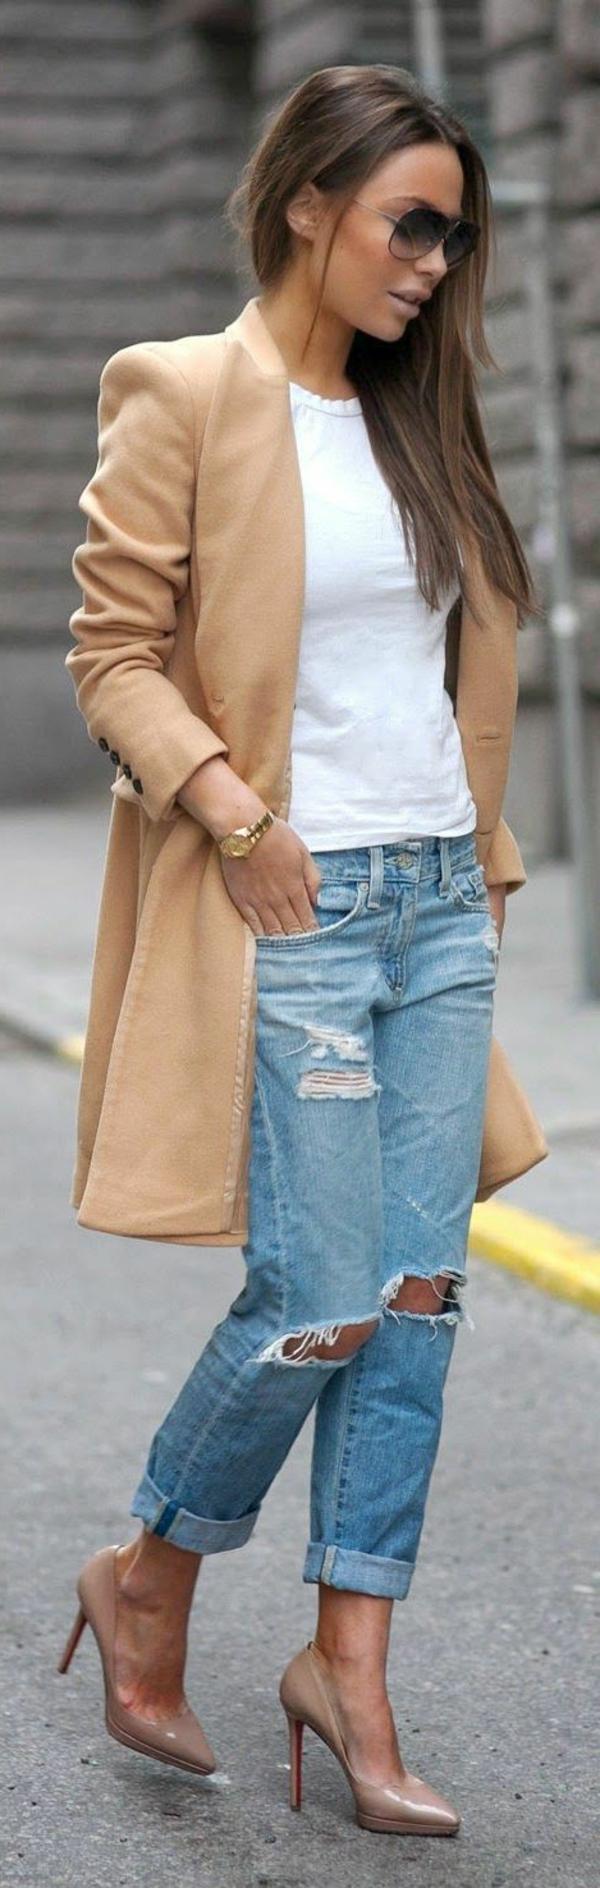 idée-originale-comment-s-habiller-longue-veste